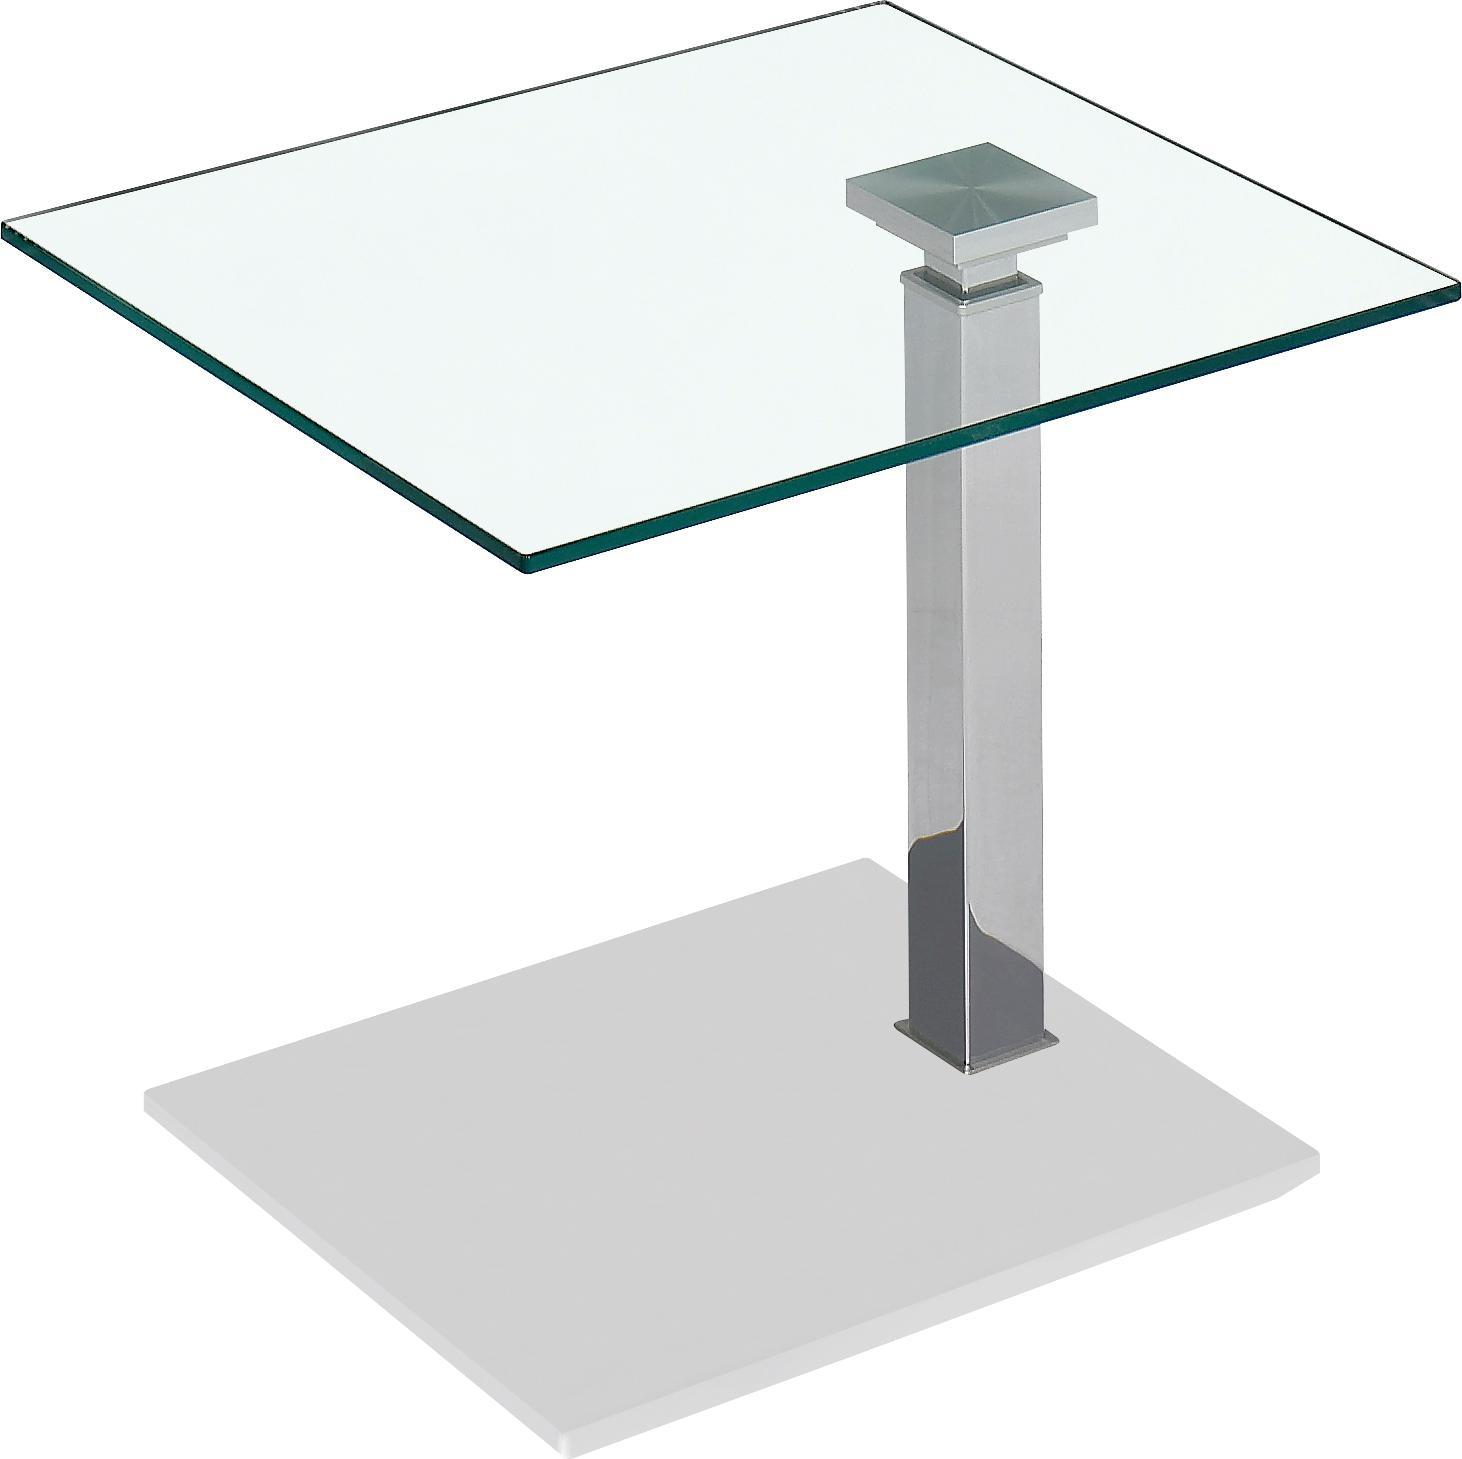 Vierhaus Beistelltisch Wohnen/Möbel/Tische/Beistelltische